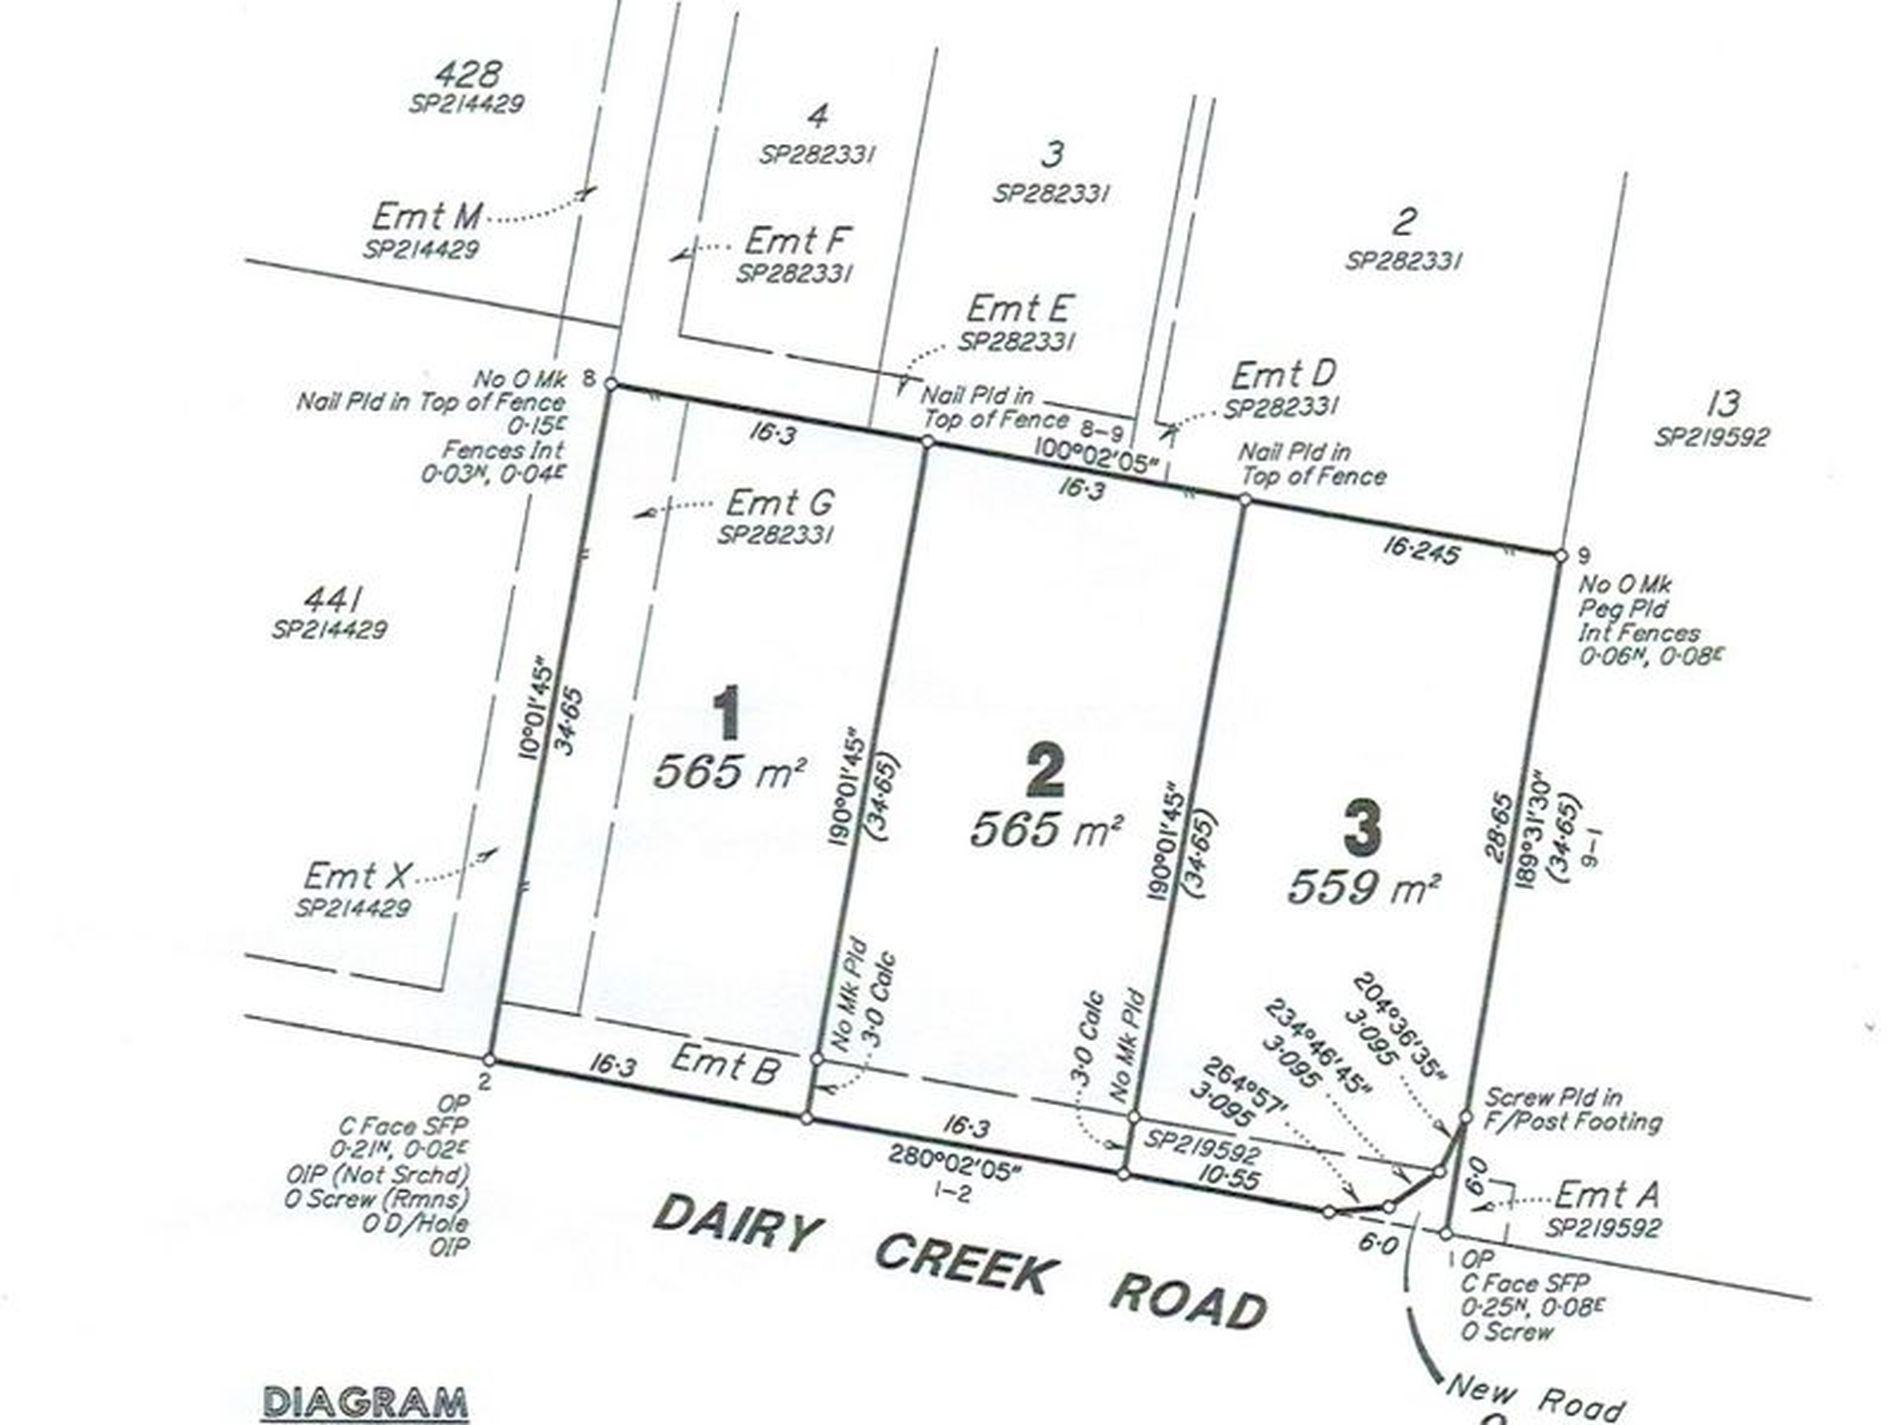 Lot 3, 298 Dairy Creek Road, Waterford